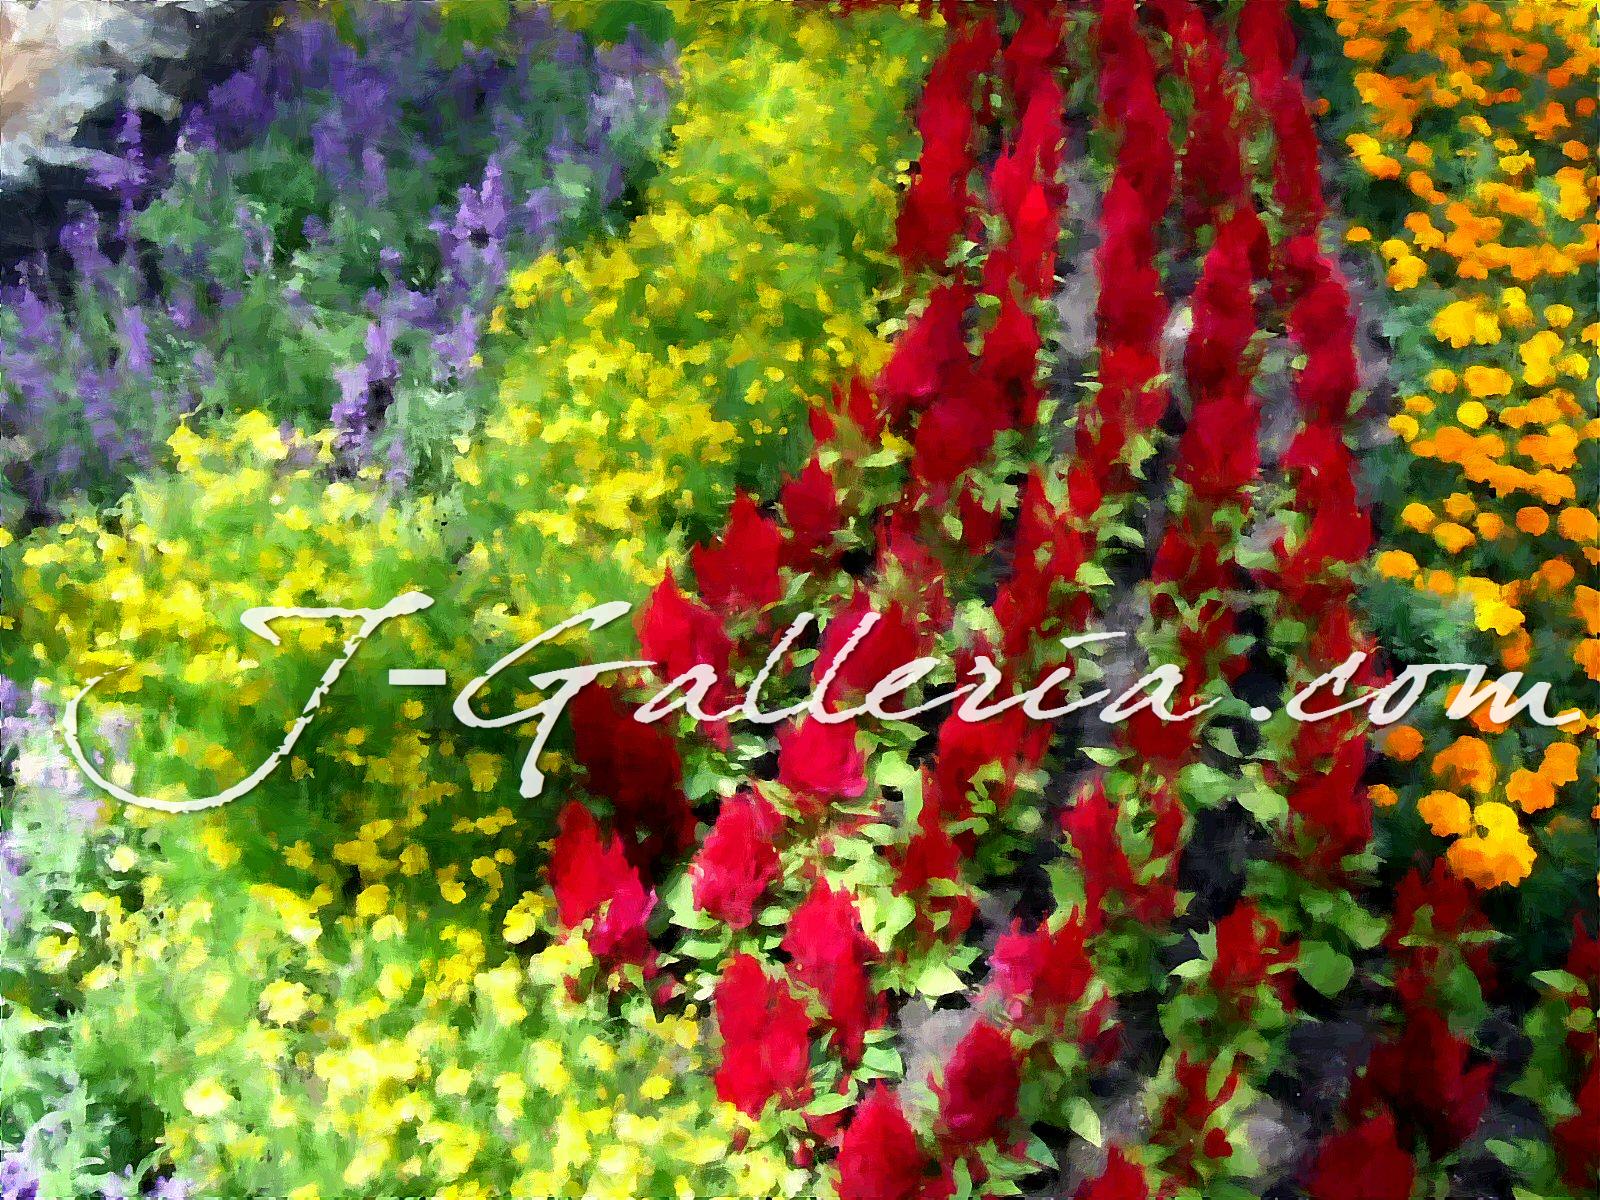 Field+of+Colors.jpg